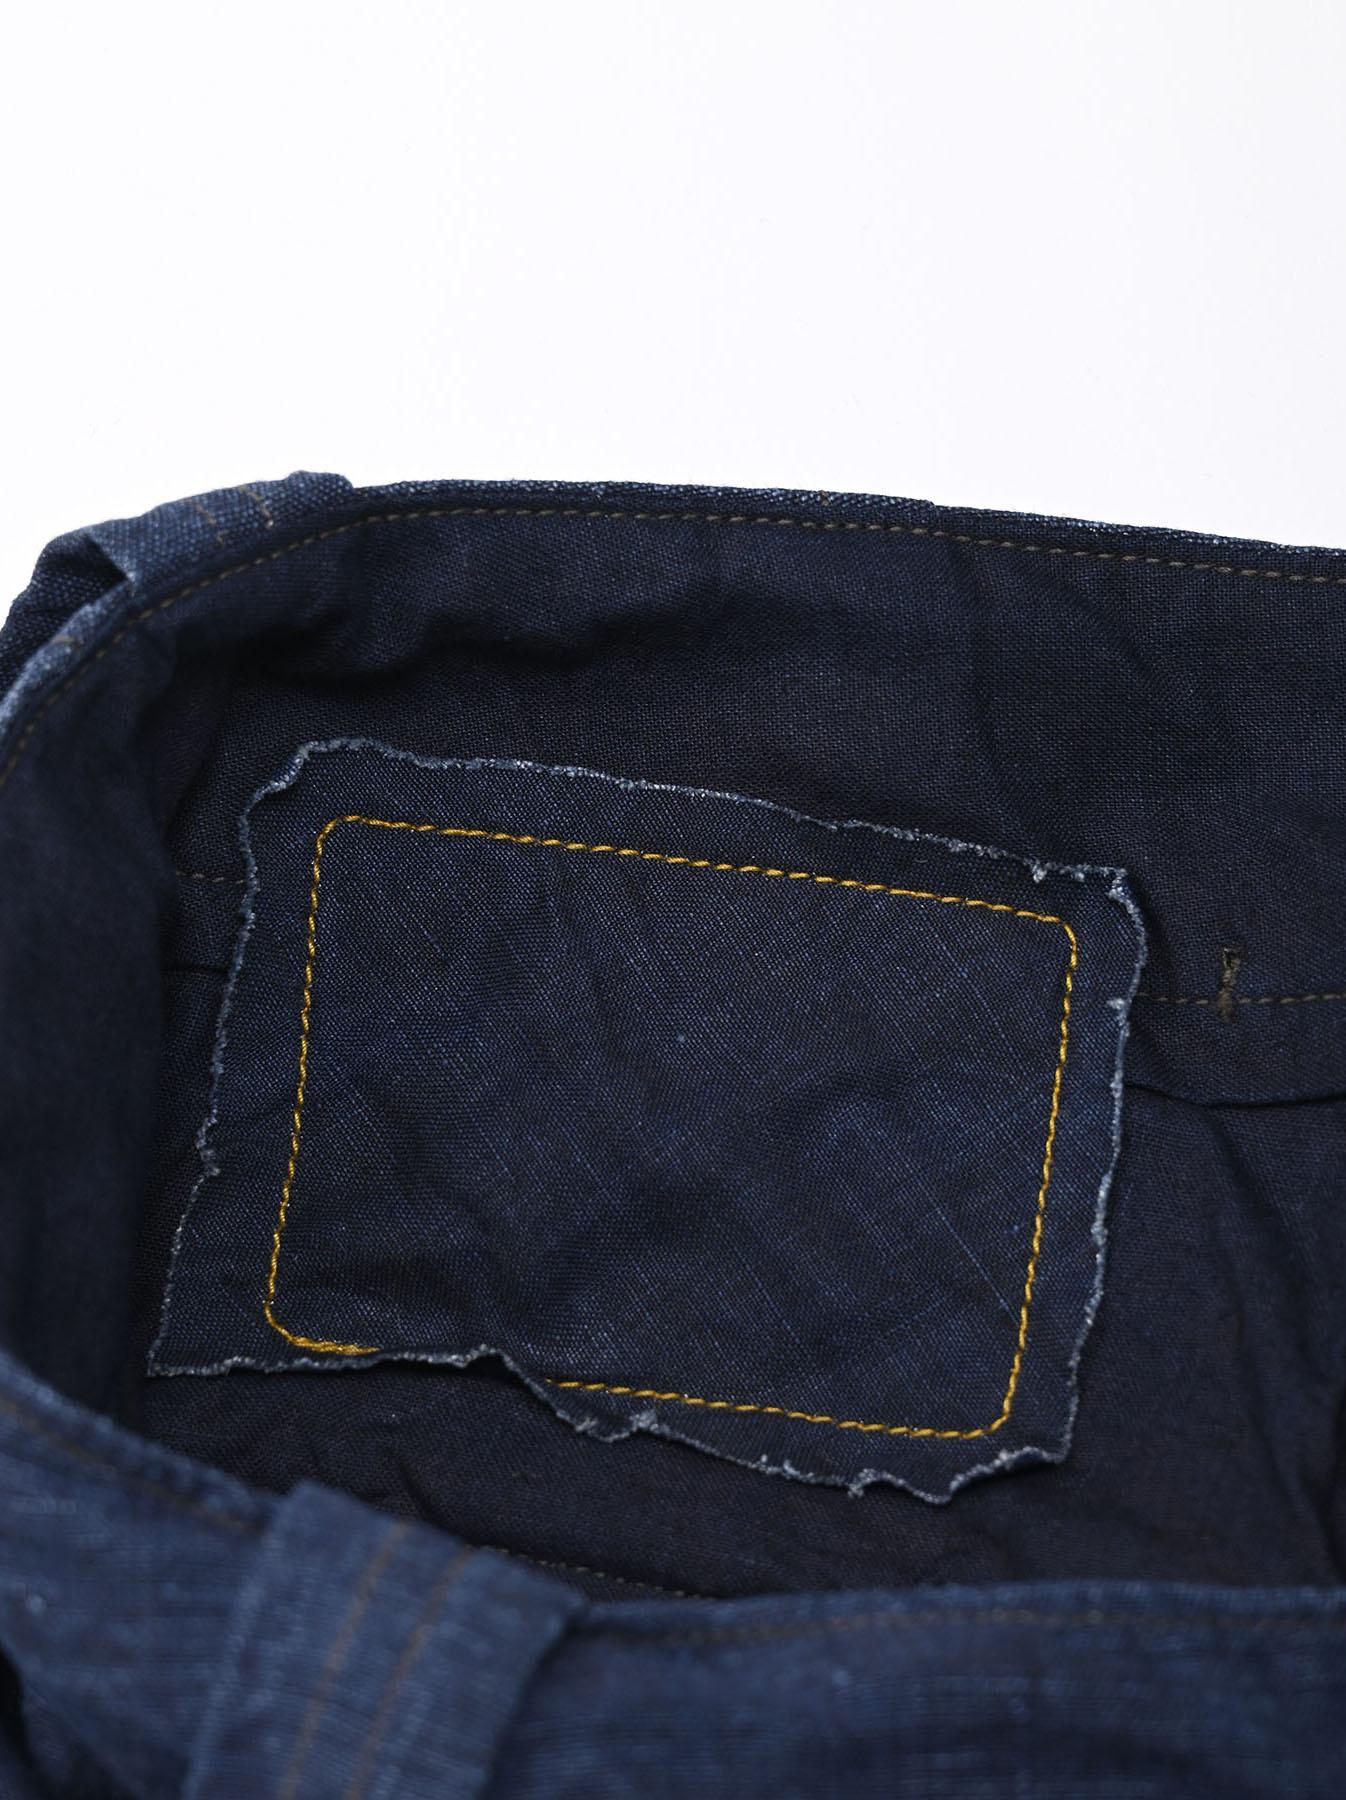 Indigo Nou Linen 908 Easy Sail Pants (0721)-11